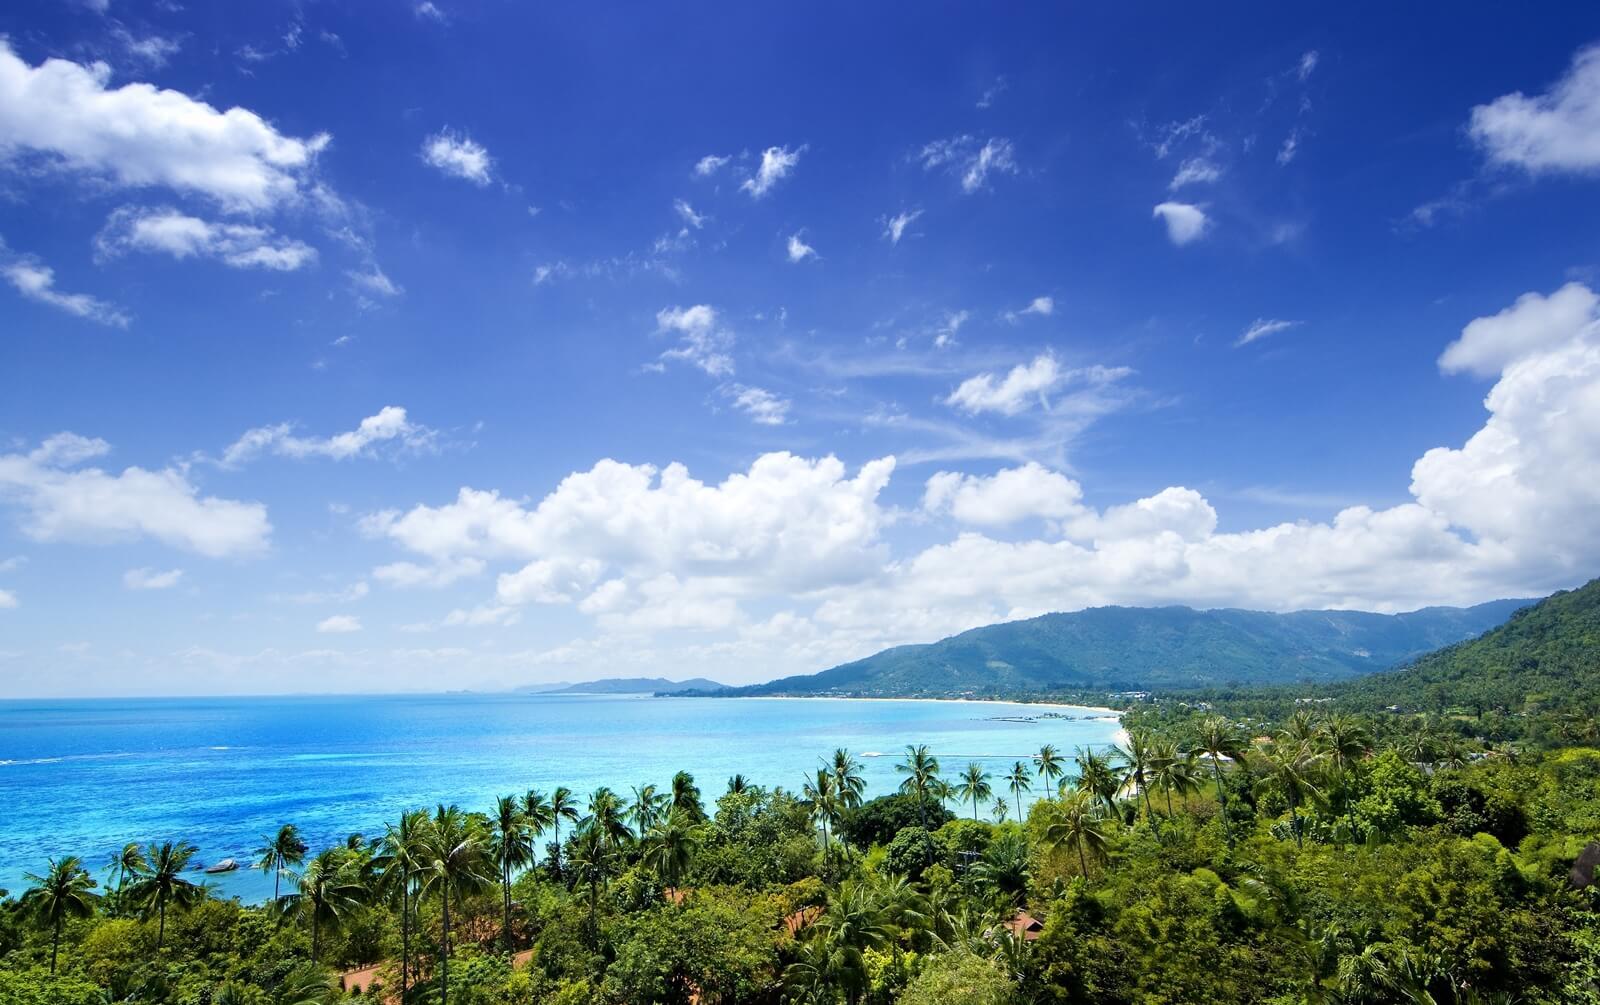 蘇美島自由行攻略|蘇美島旅遊新手必看!交通、景點、美食、住宿全包